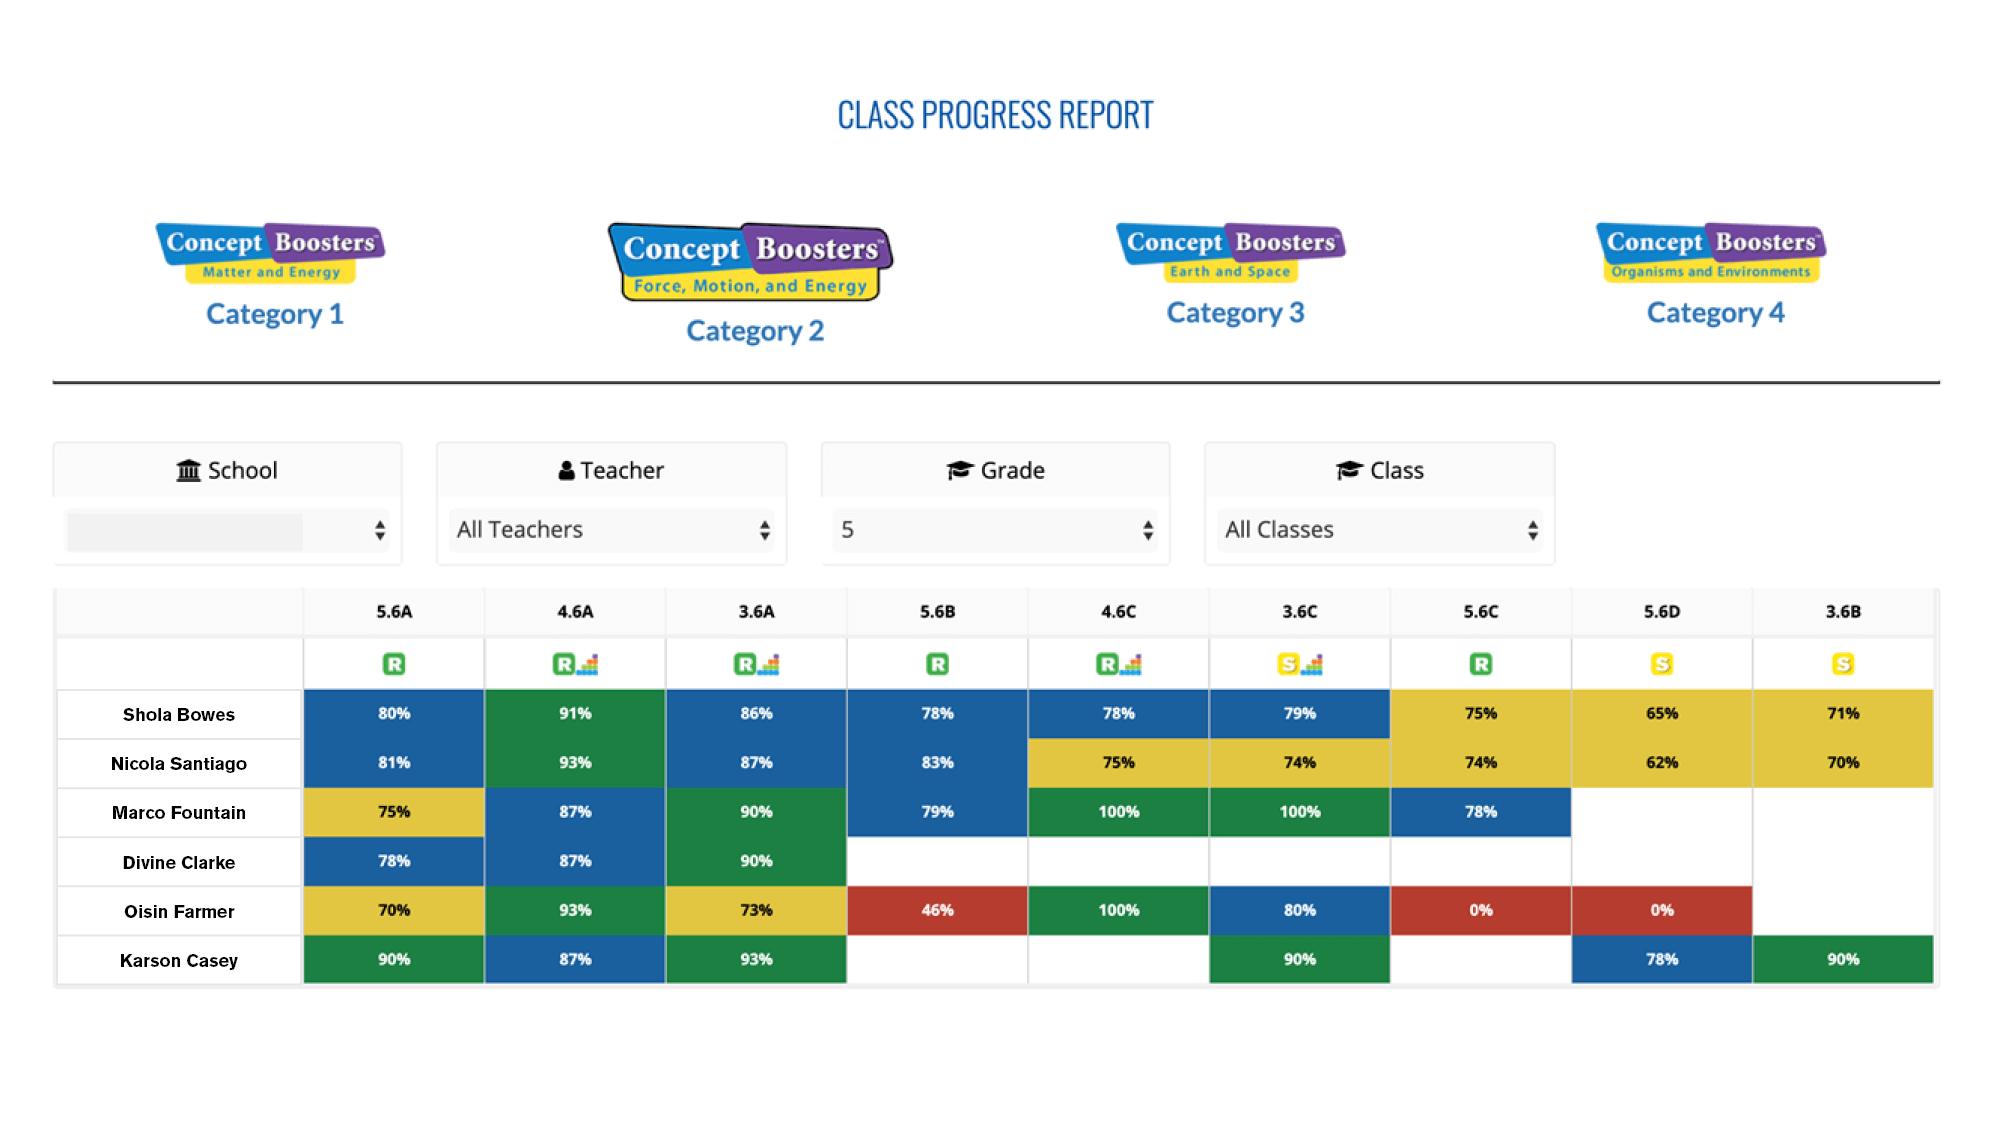 Teacher Class Progress Report